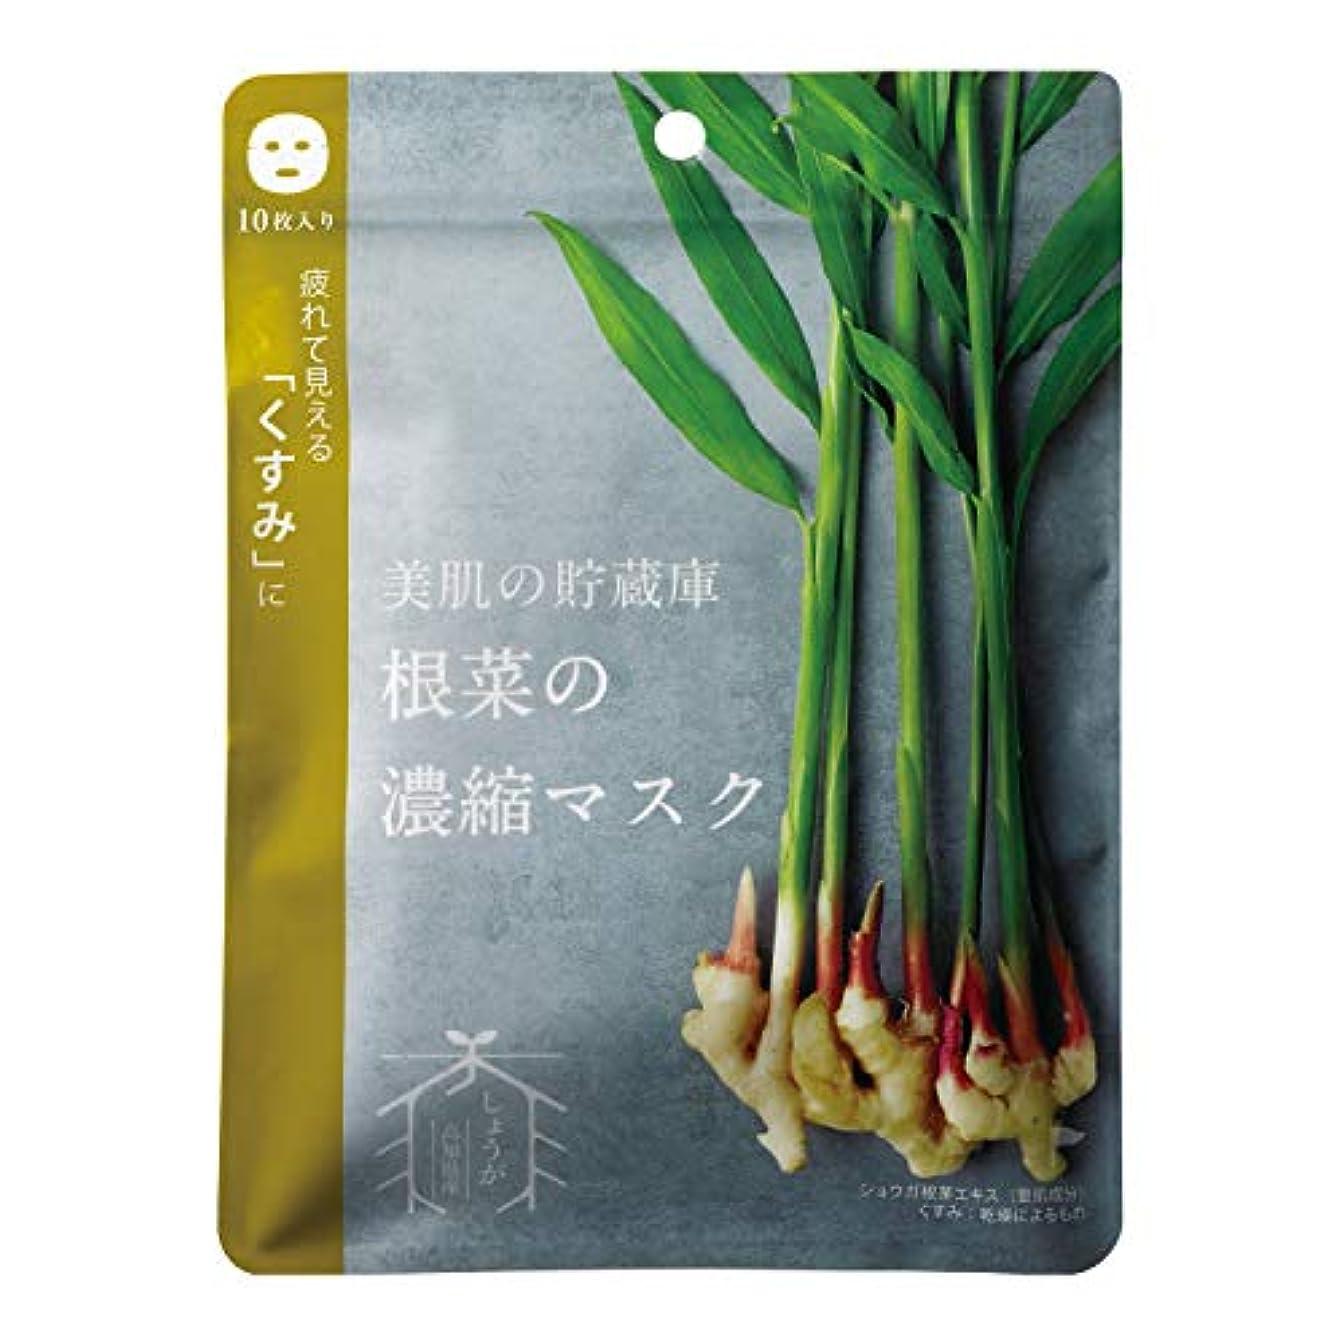 広範囲散文ビュッフェ@cosme nippon 美肌の貯蔵庫 根菜の濃縮マスク 土佐一しょうが 10枚 160ml